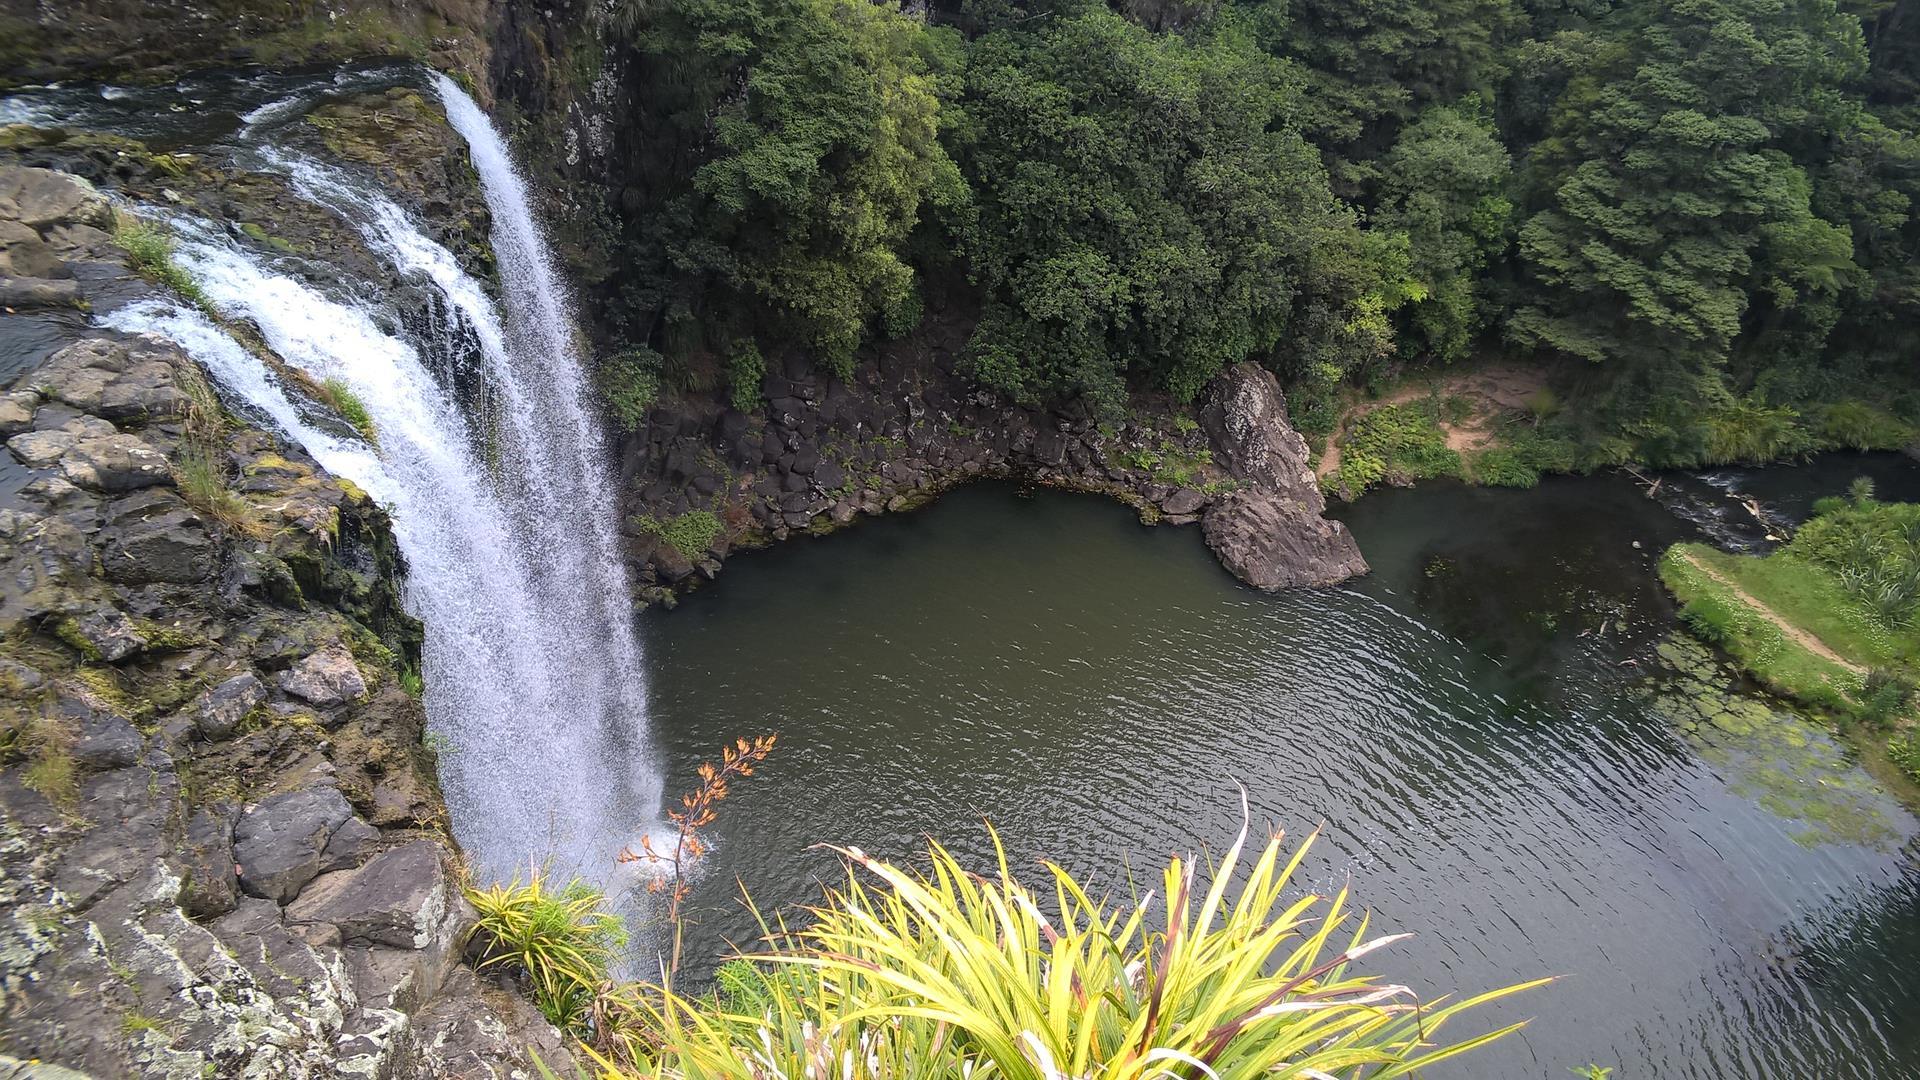 Kurzer Stop am Wasserfall von Whangarei